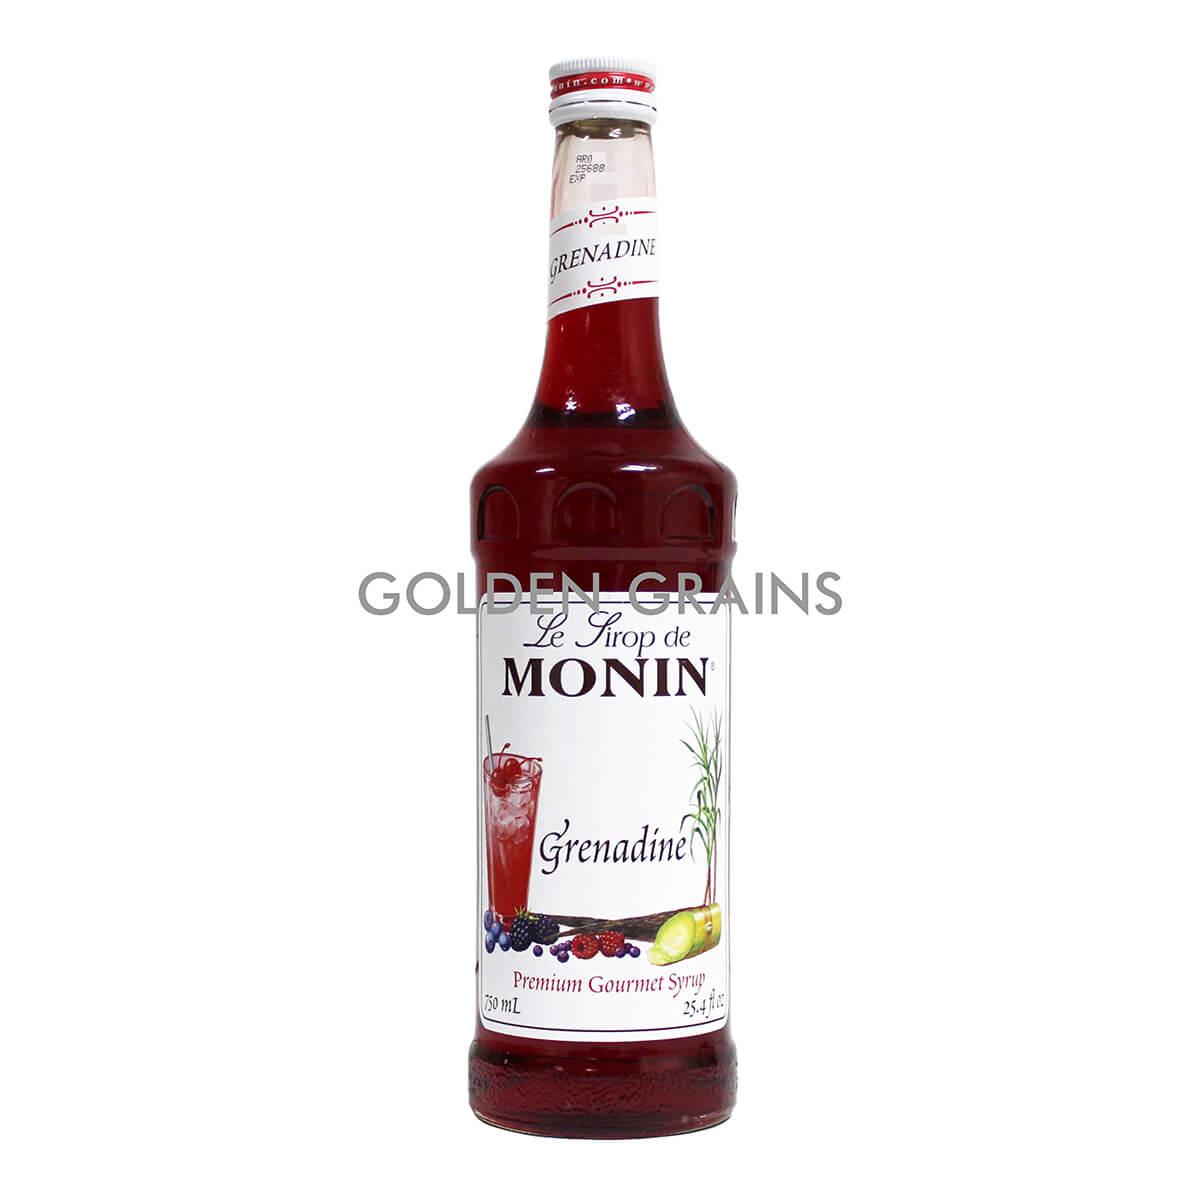 Golden Grains Monin - Grenadine - Front.jpg